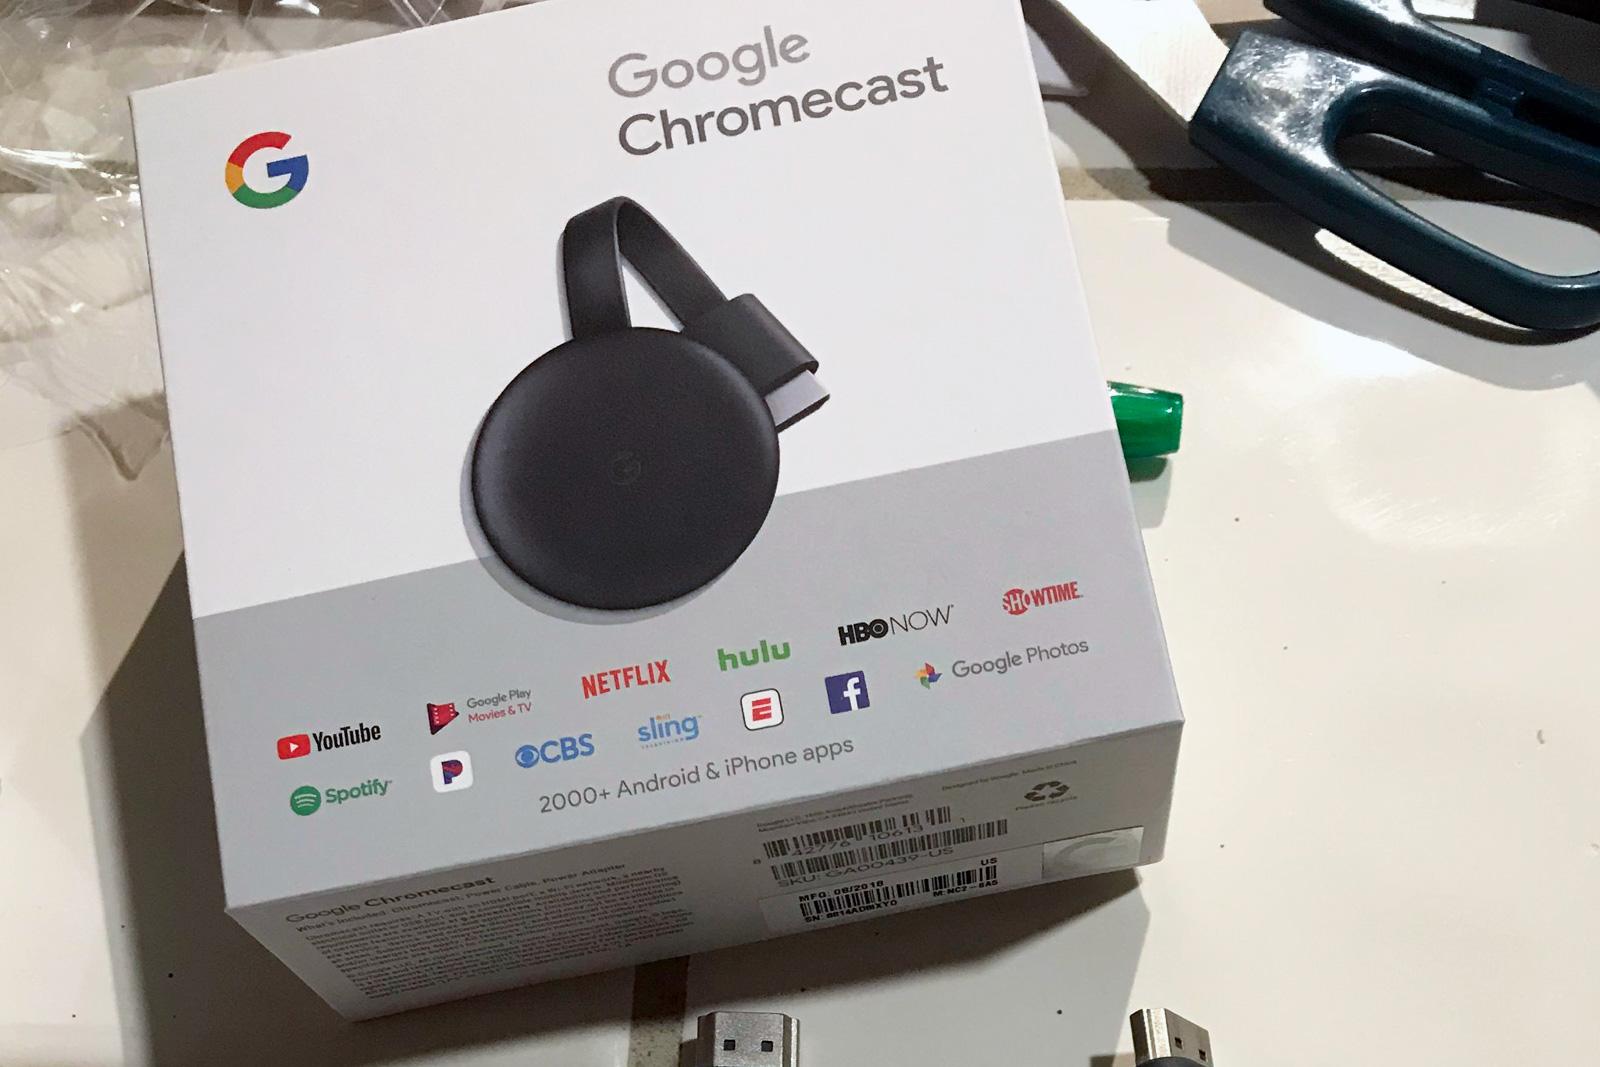 google-chromecast-3rd-gen-leak-reddit.jp